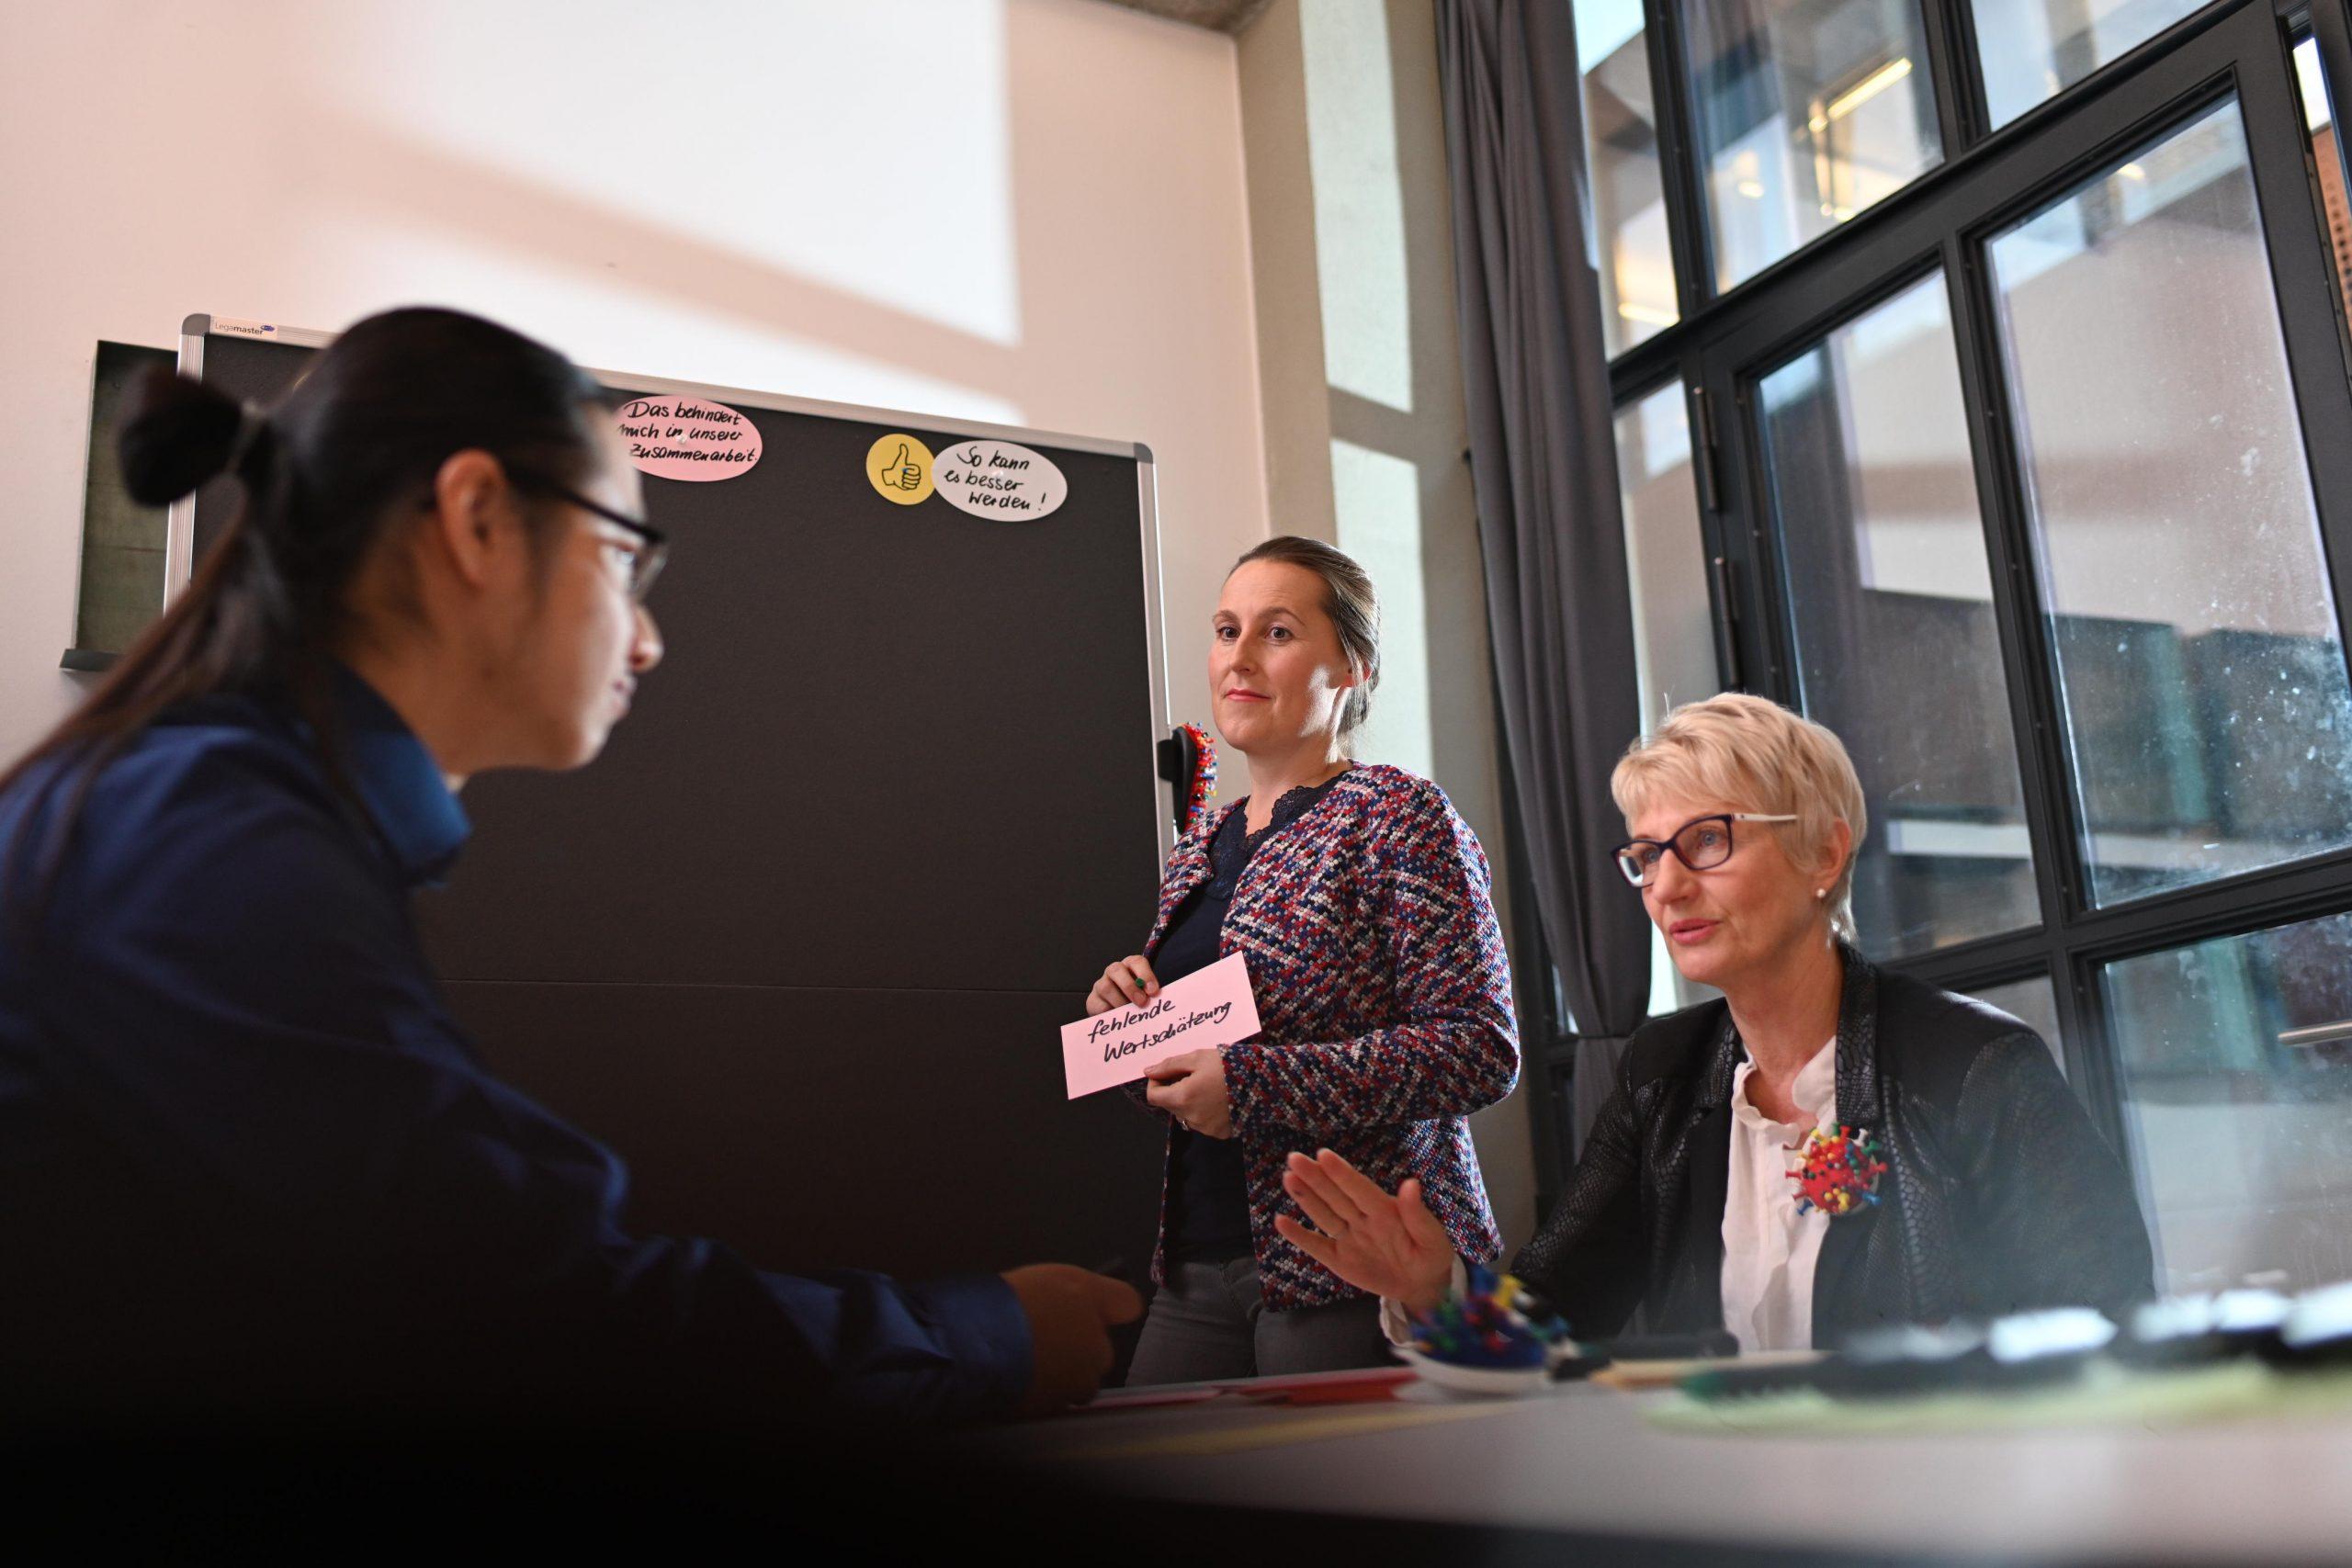 Mediatorin klärt Konflikte zwischen Mitarbeitenden